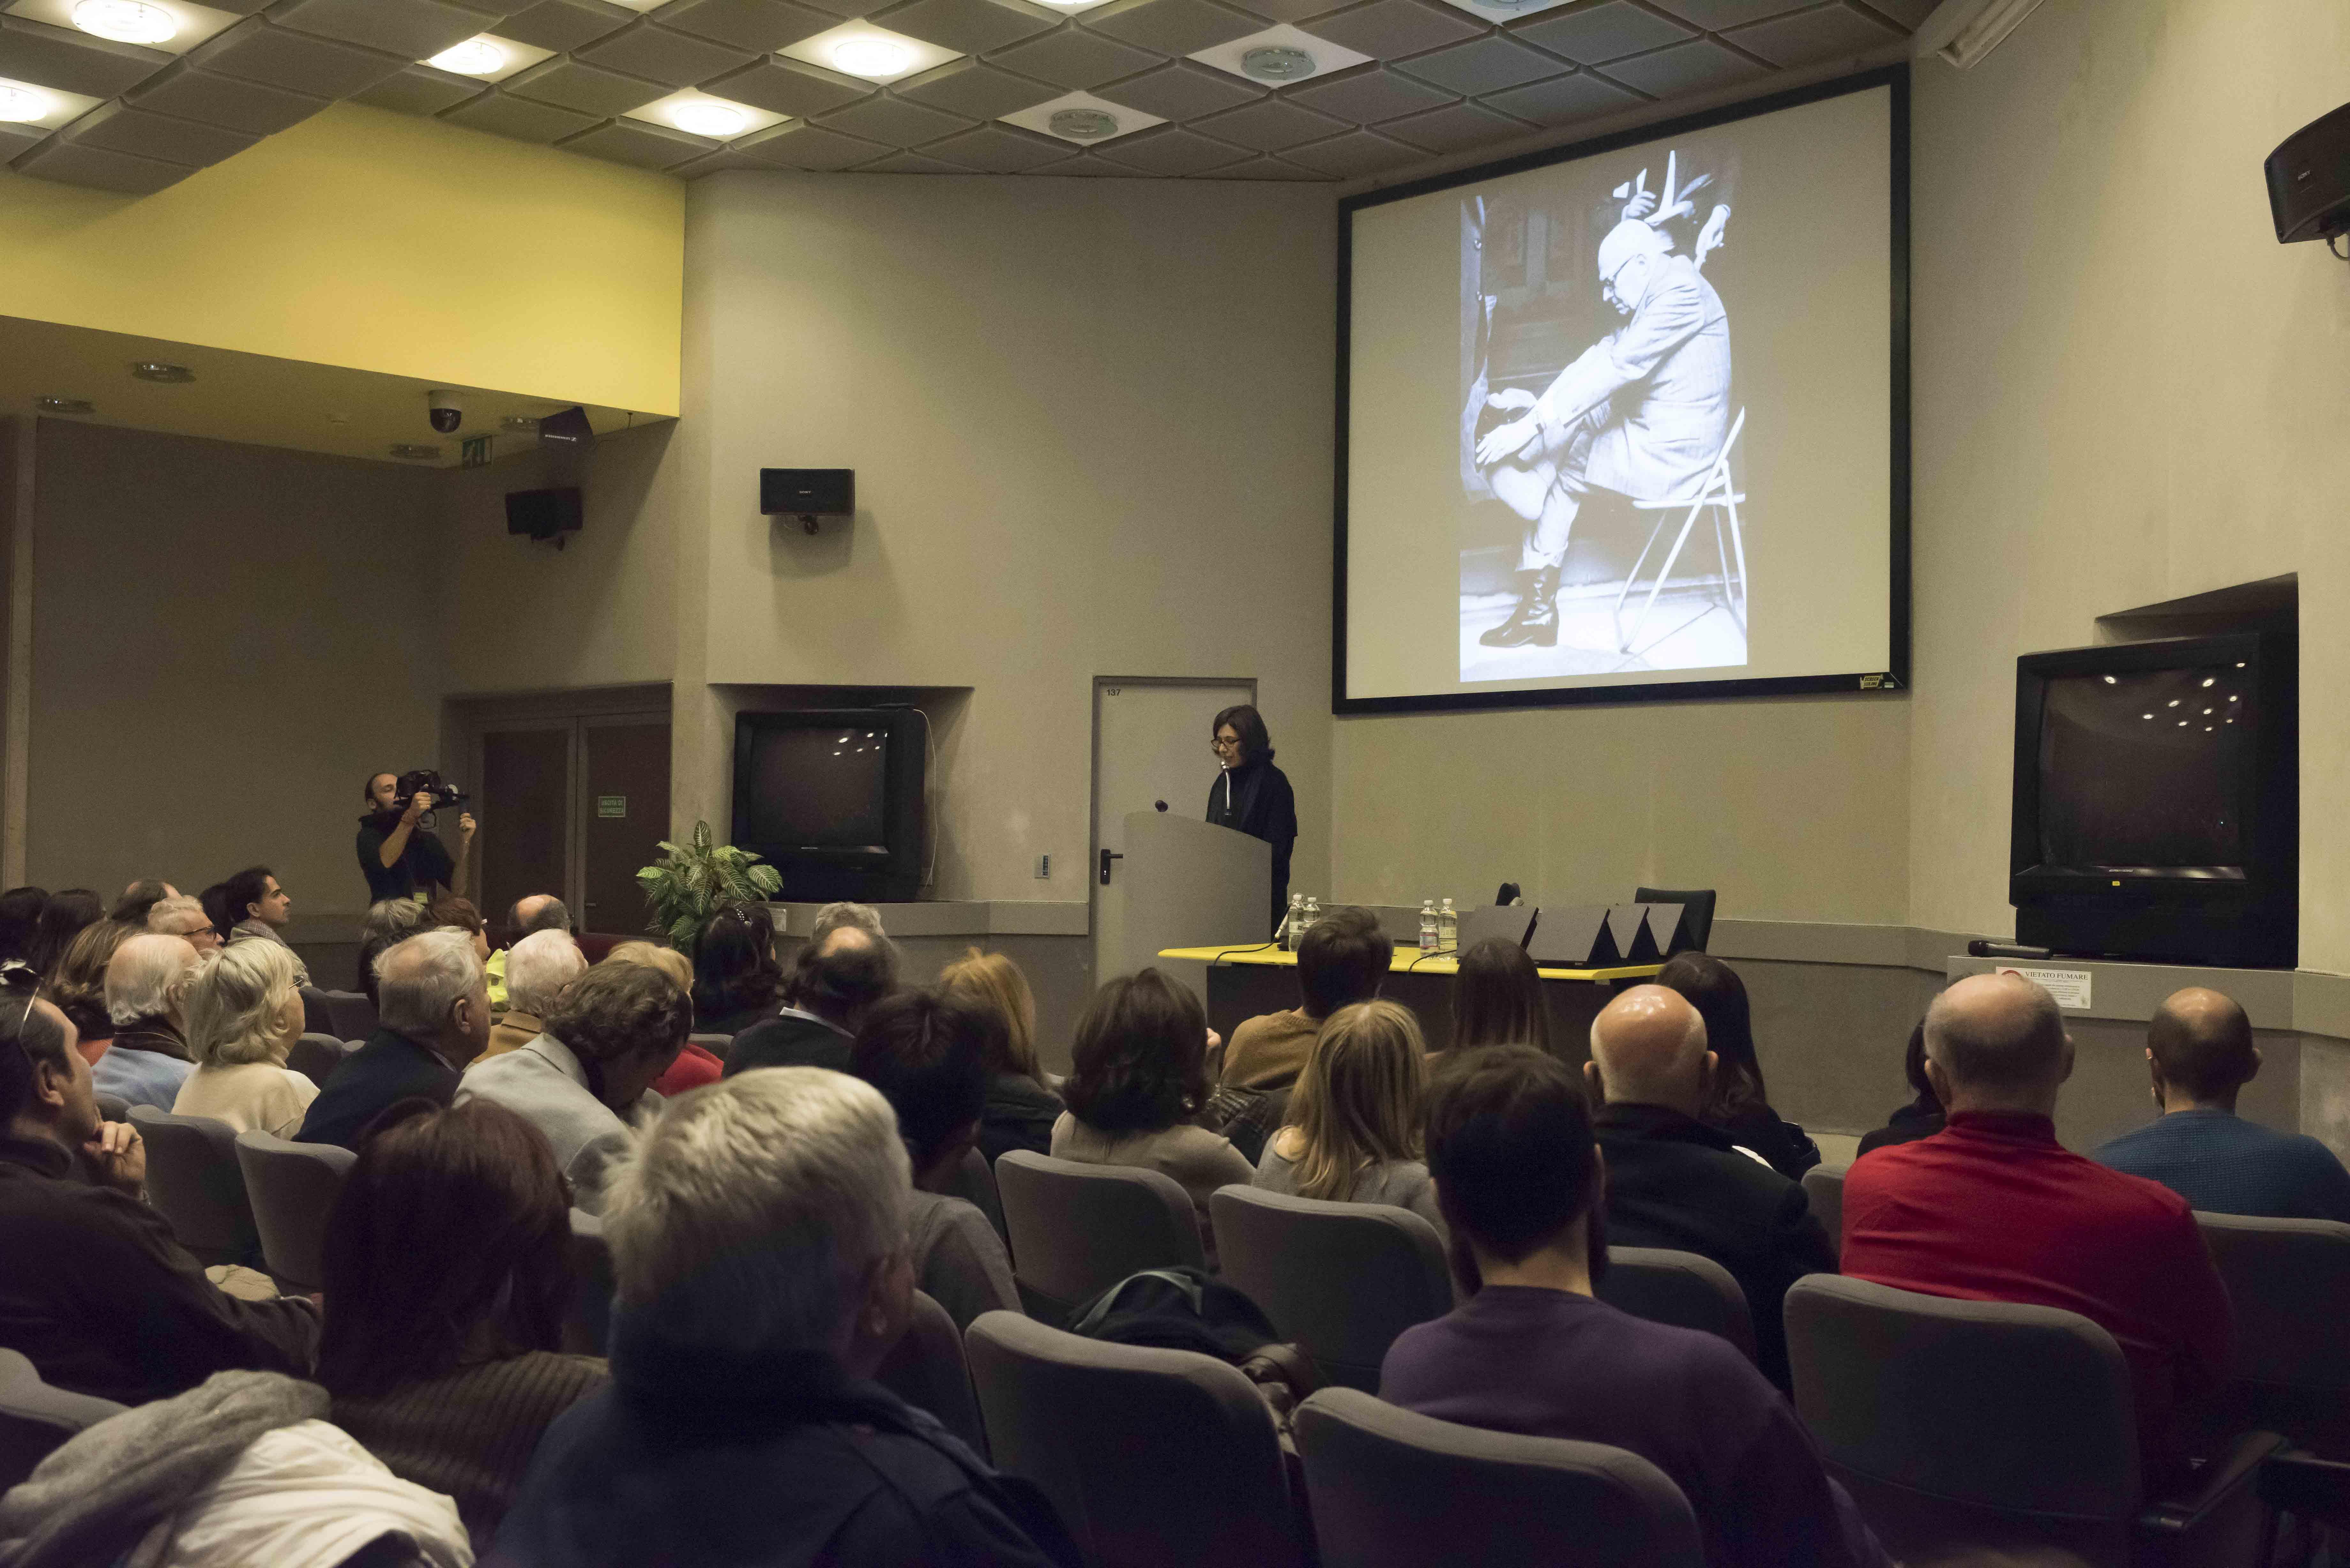 """Roma - Museo Nazionale Preistorico Etnografico """"Luigi Pigorini"""". Cerimonia di premiazione della III Edizione della Borsa di Studio Graffiti """"Rolando Fava"""" 2015."""